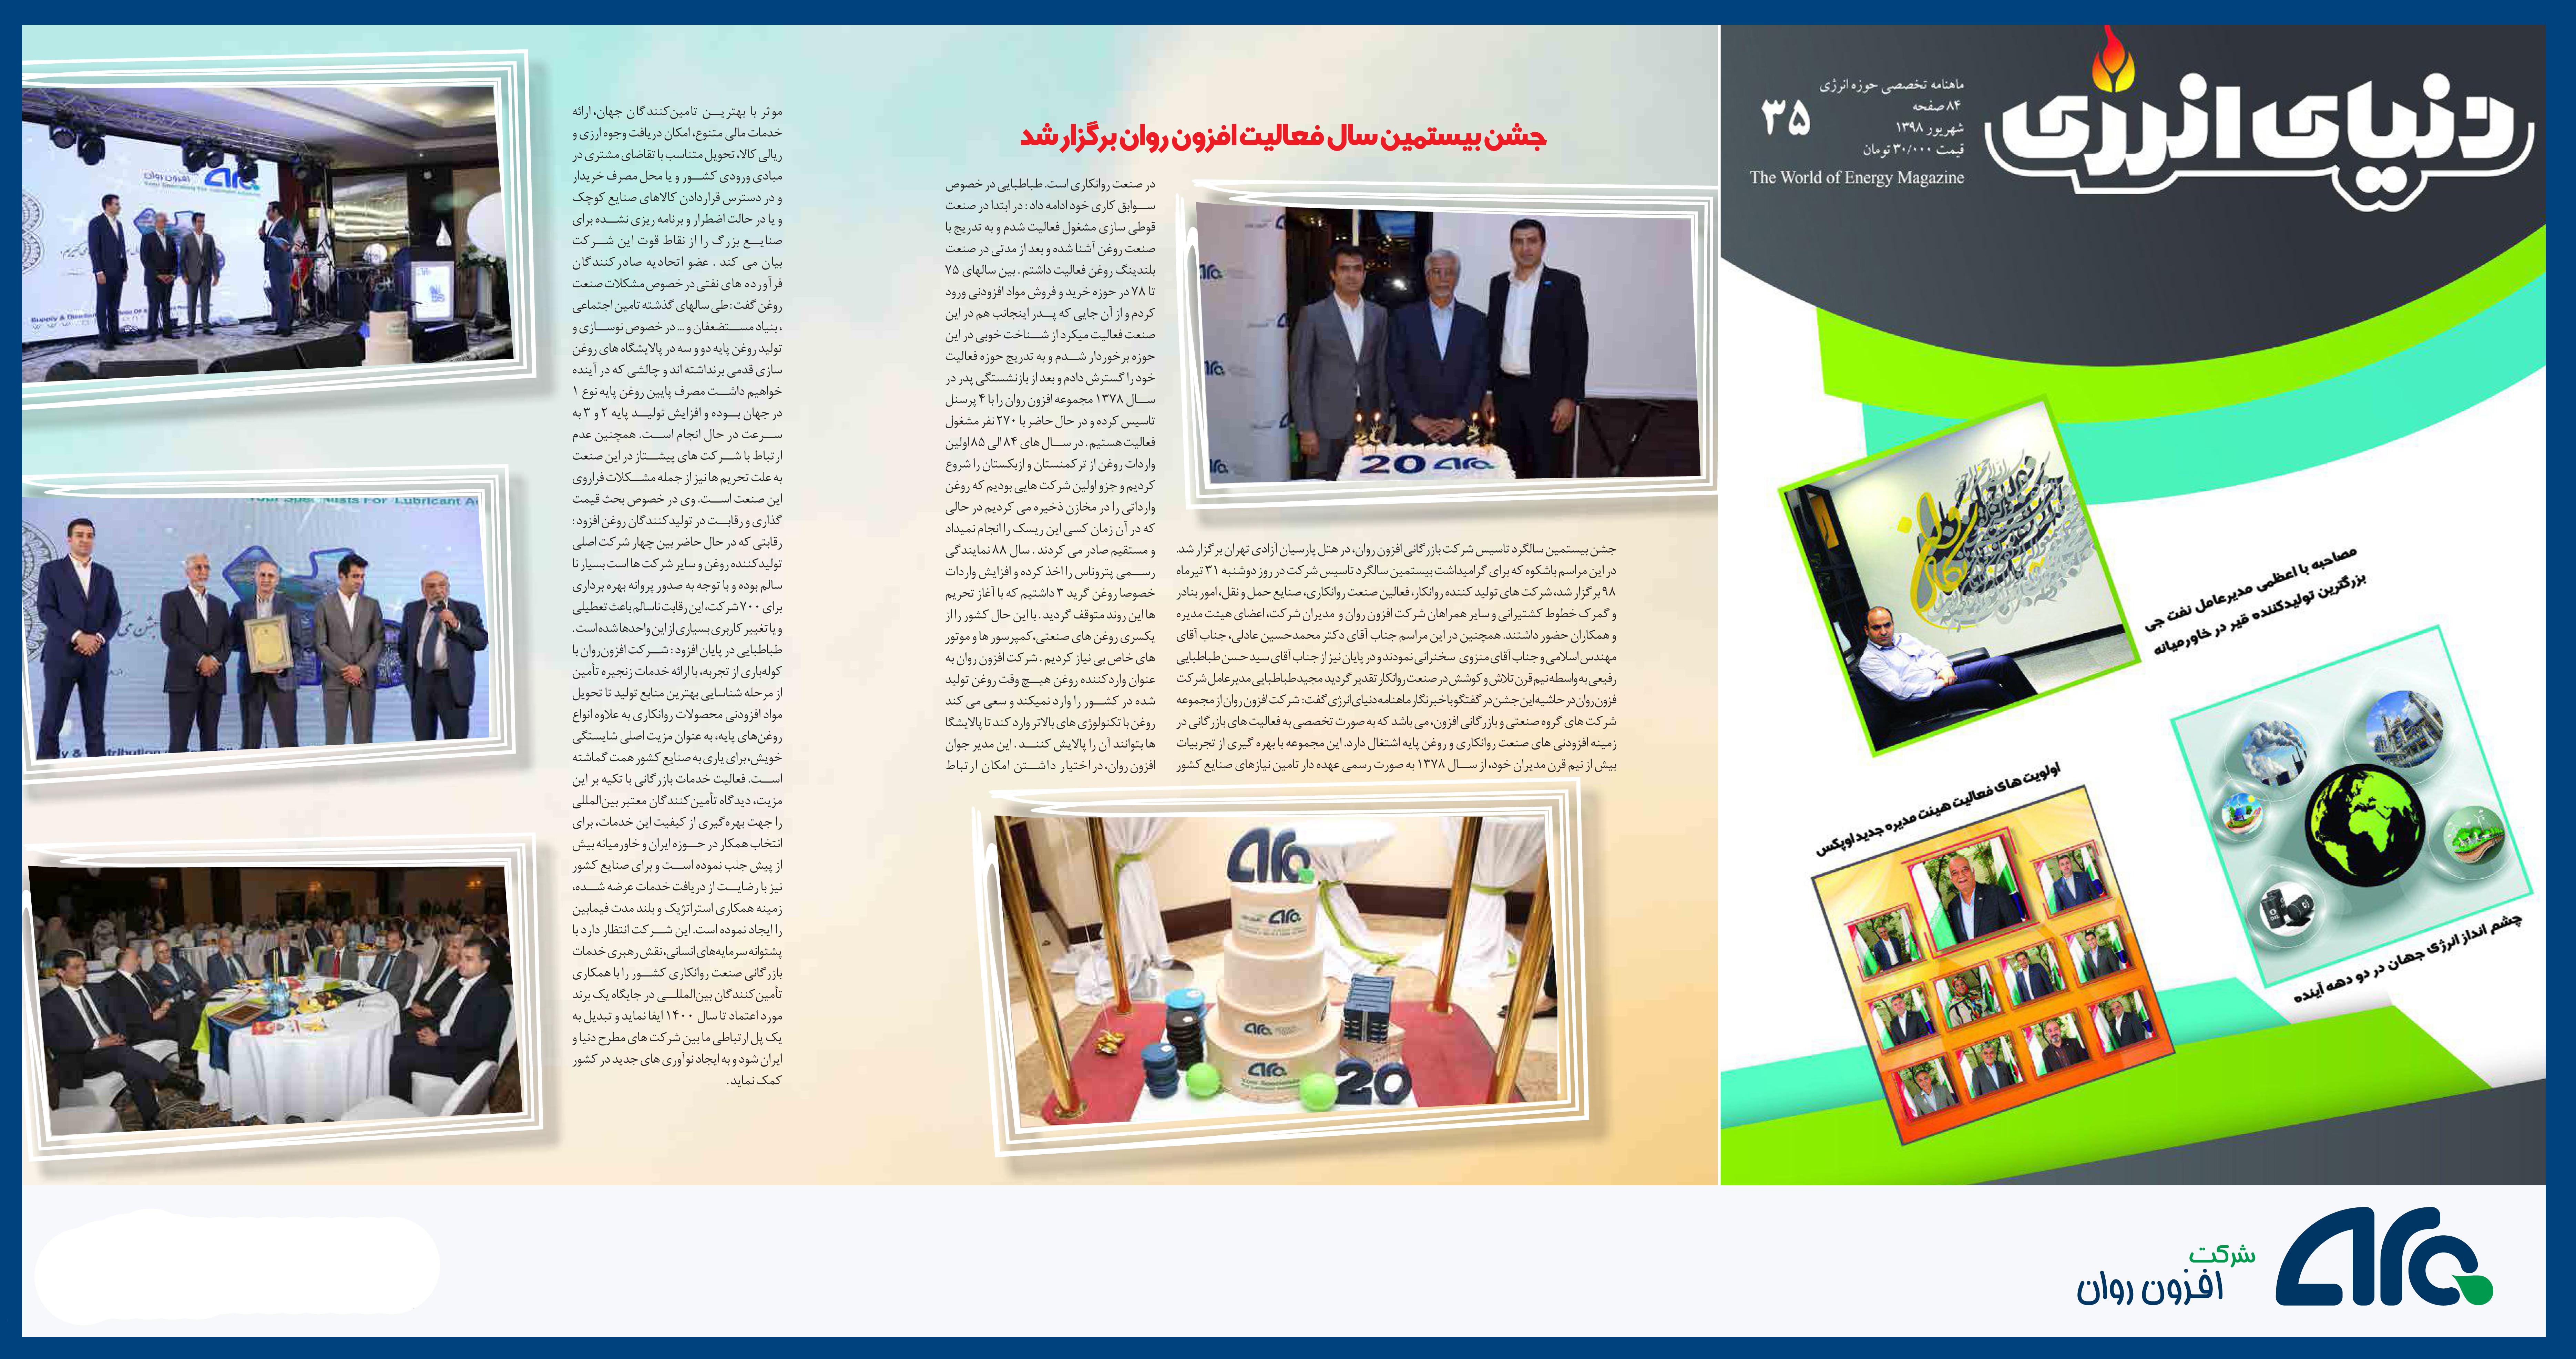 مصاحبه نشریه دنیای انرژی  با مدیر عامل شرکت افزون روان به بهانه جشن بیست سالگی شرکت